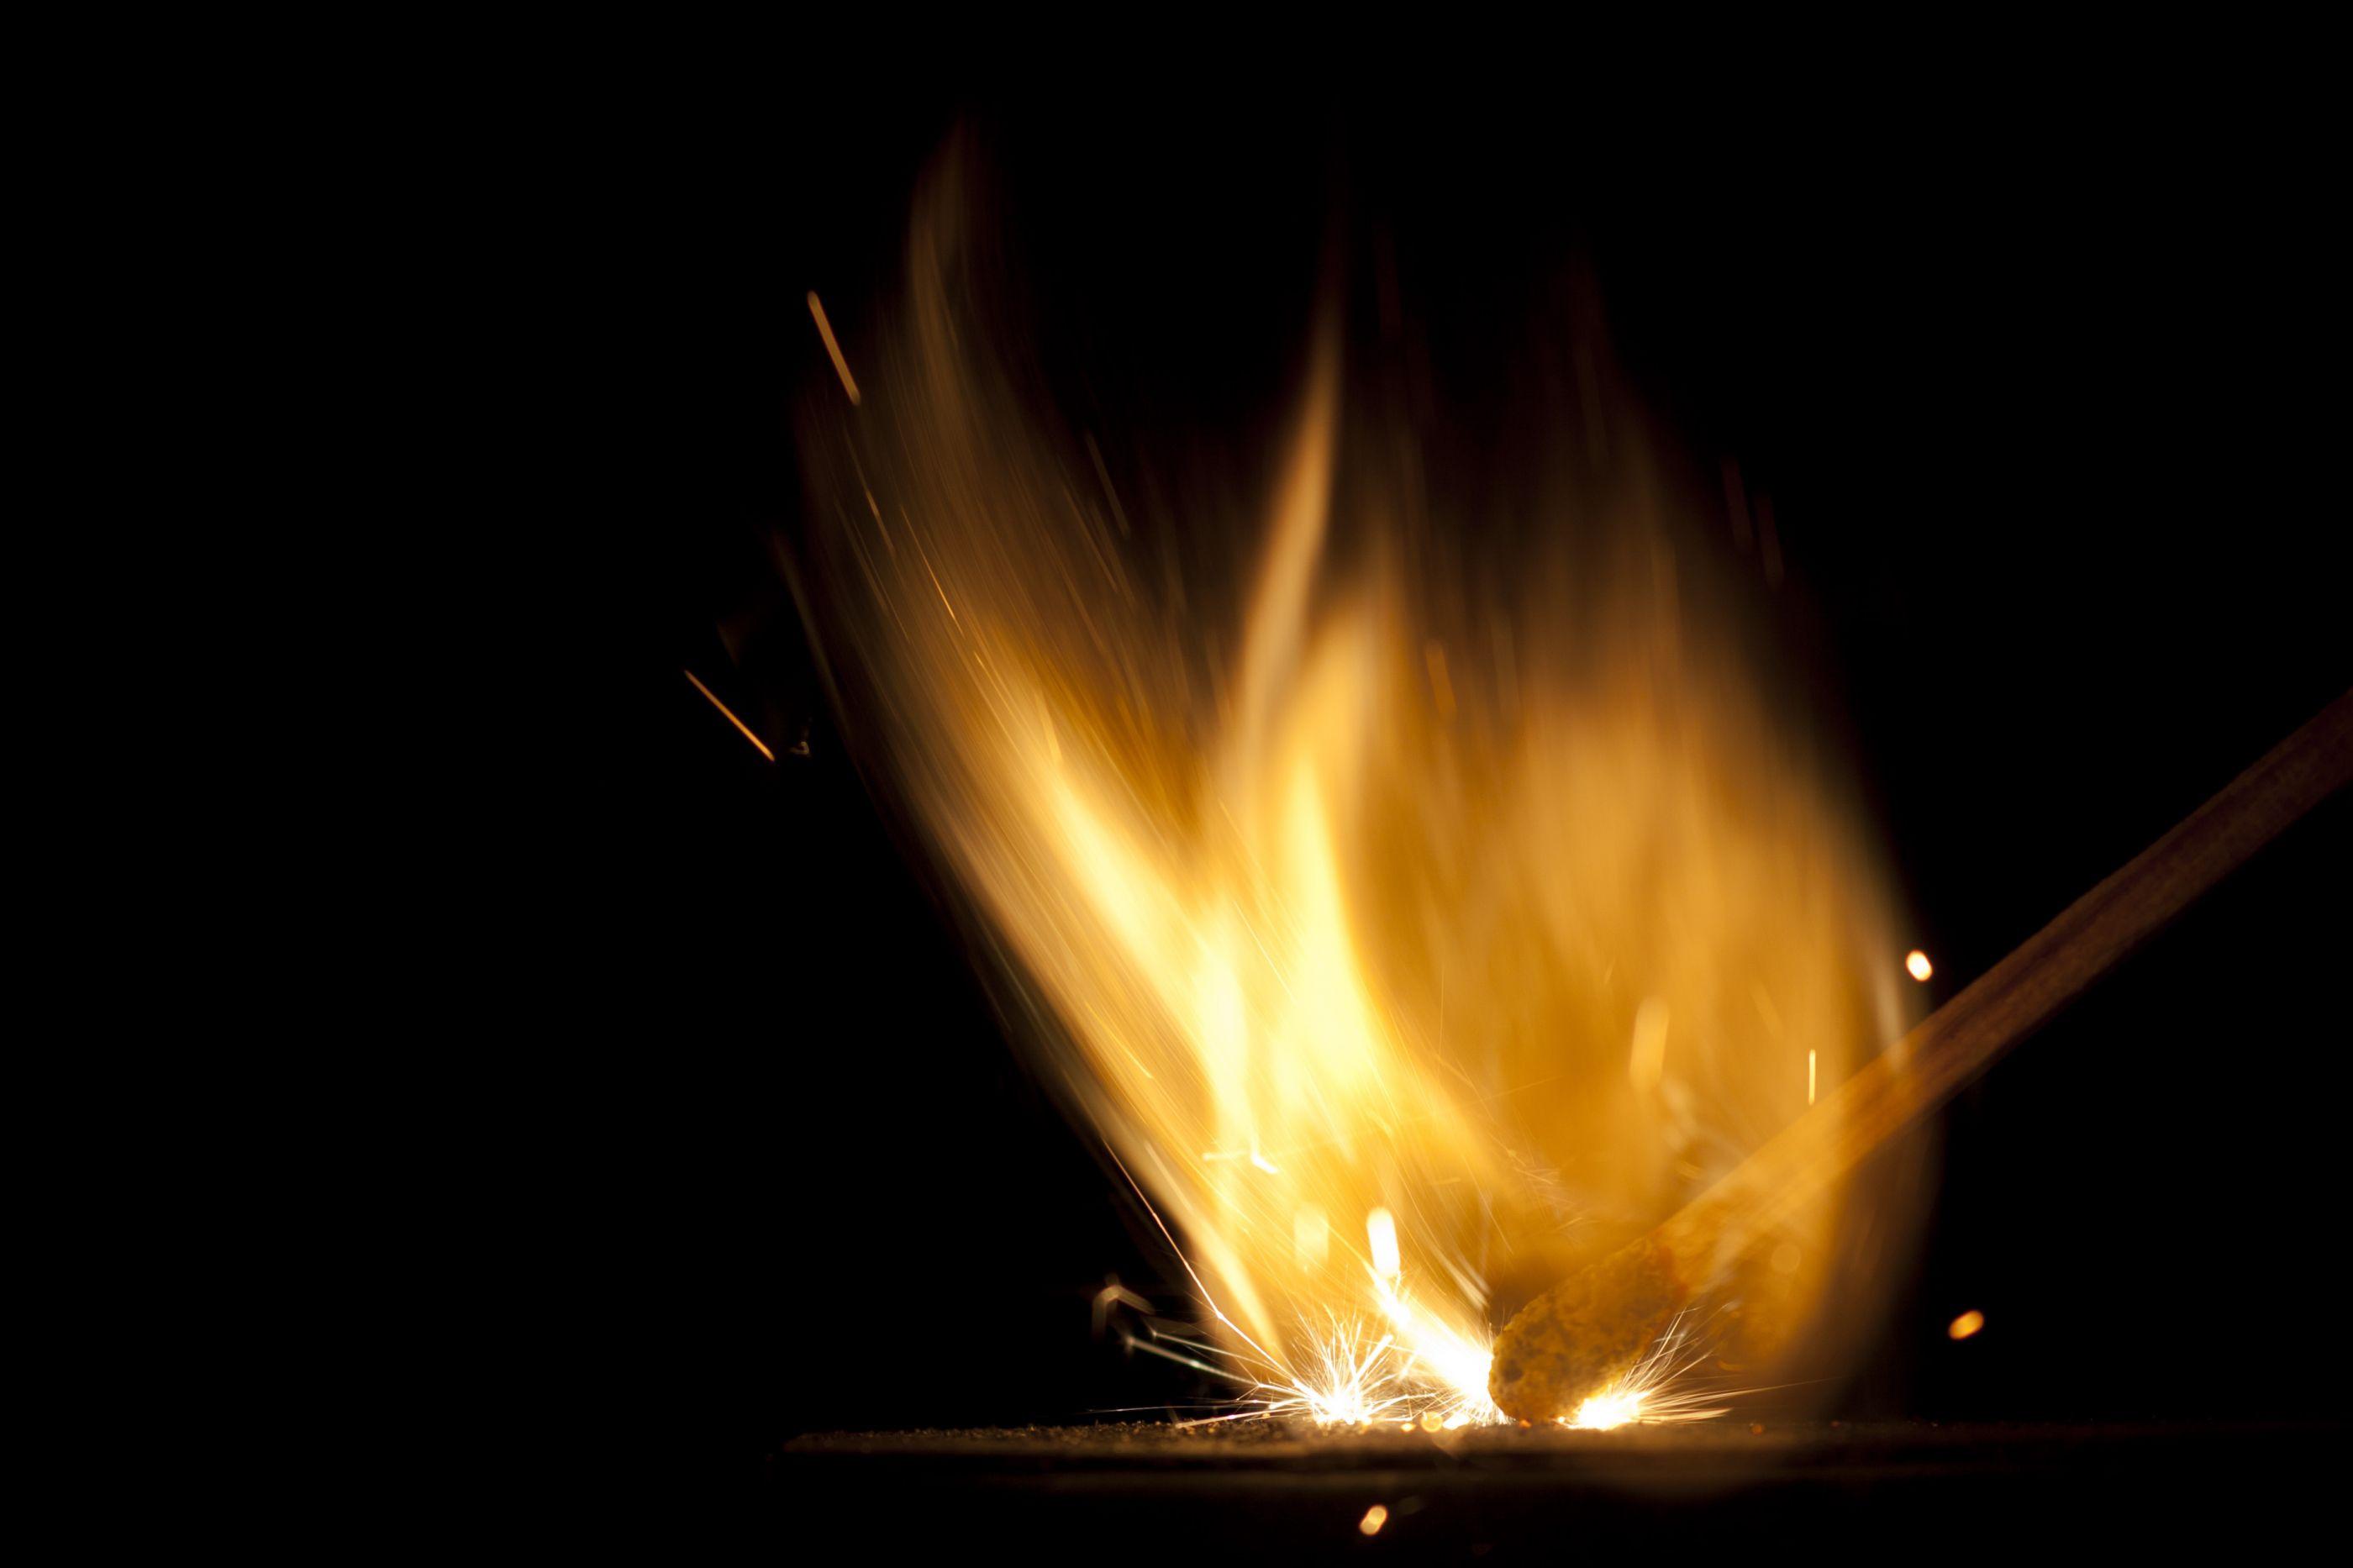 Sete feridos em fogo nas instalações da coudelaria de Alter do Chão